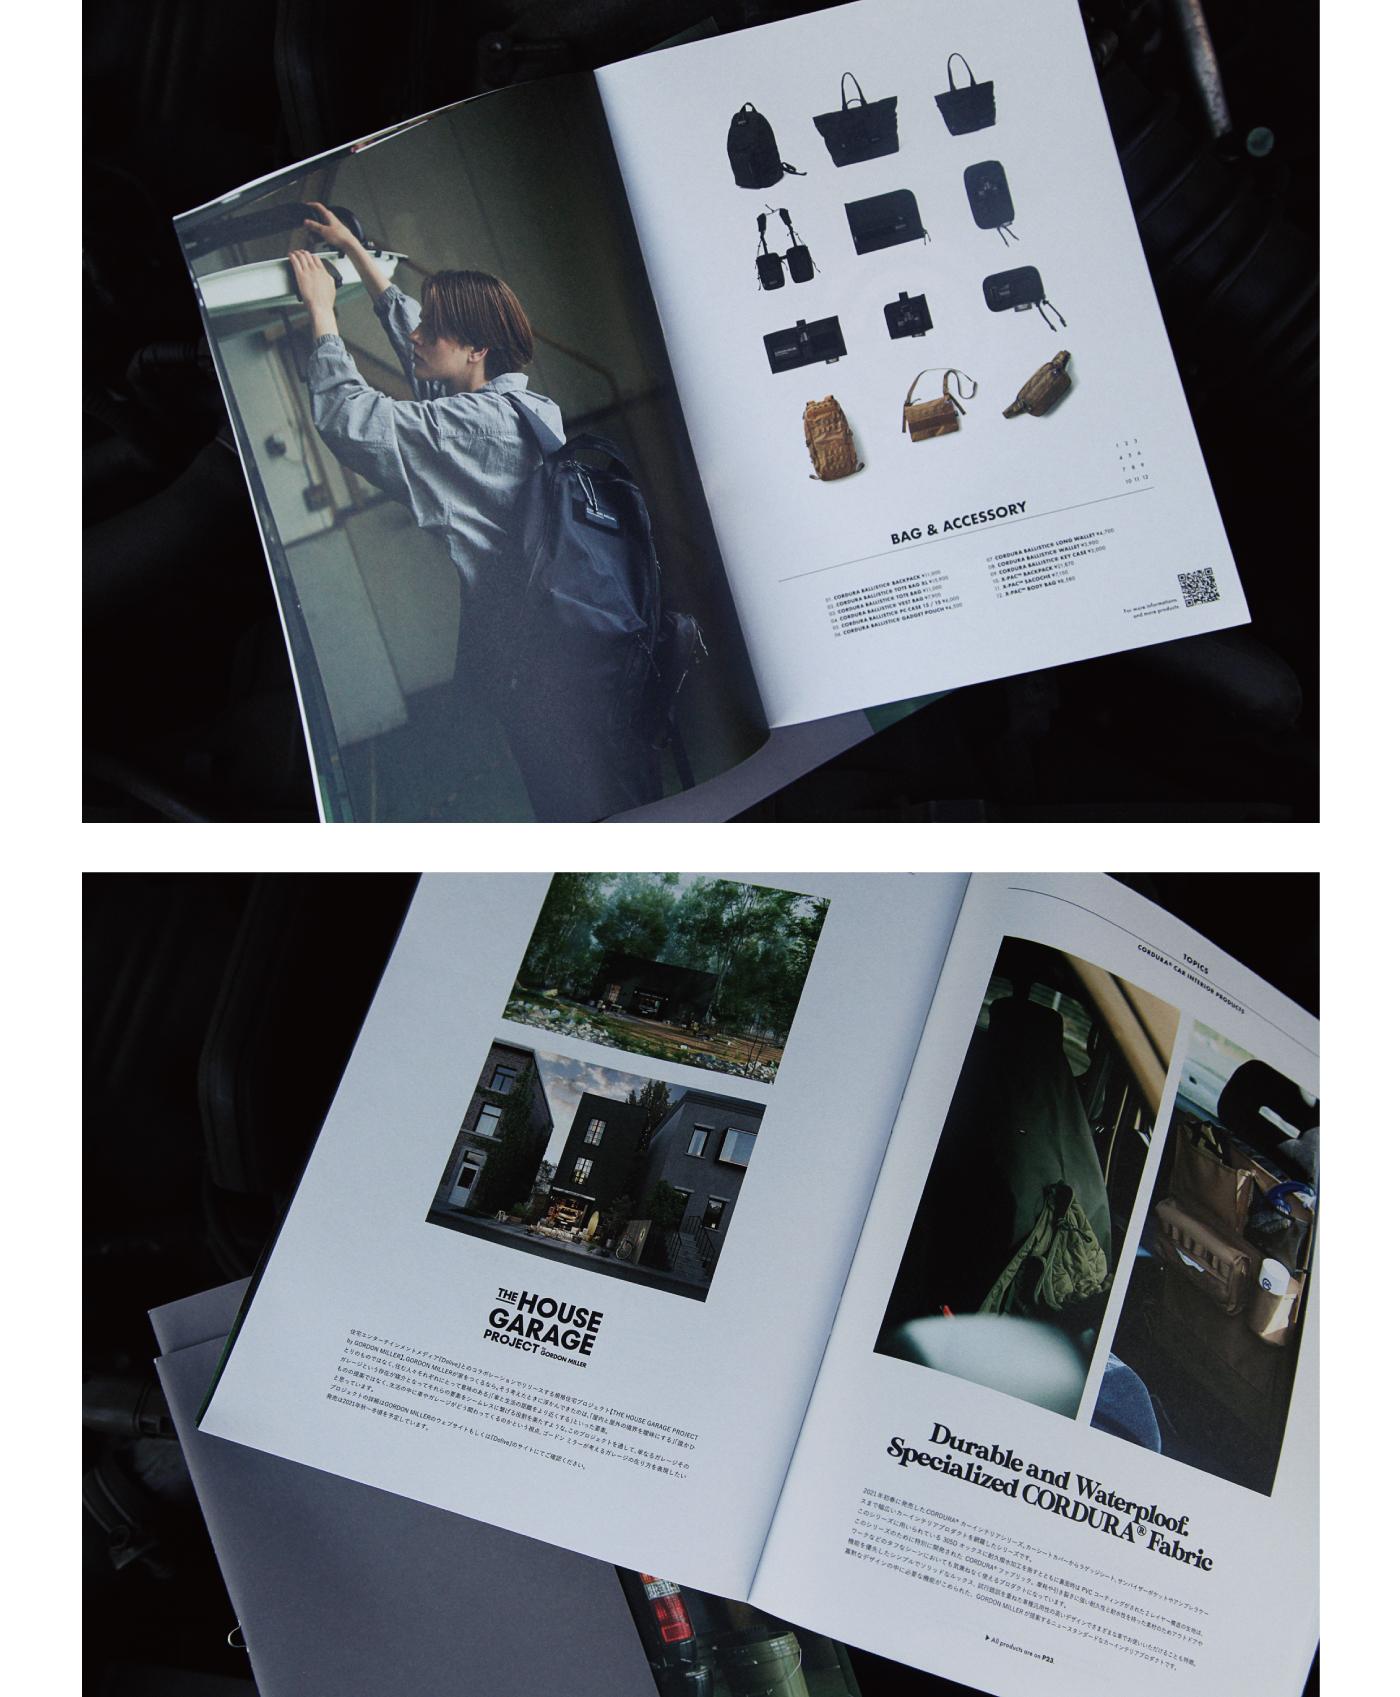 ゴードン ミラーのカタログ